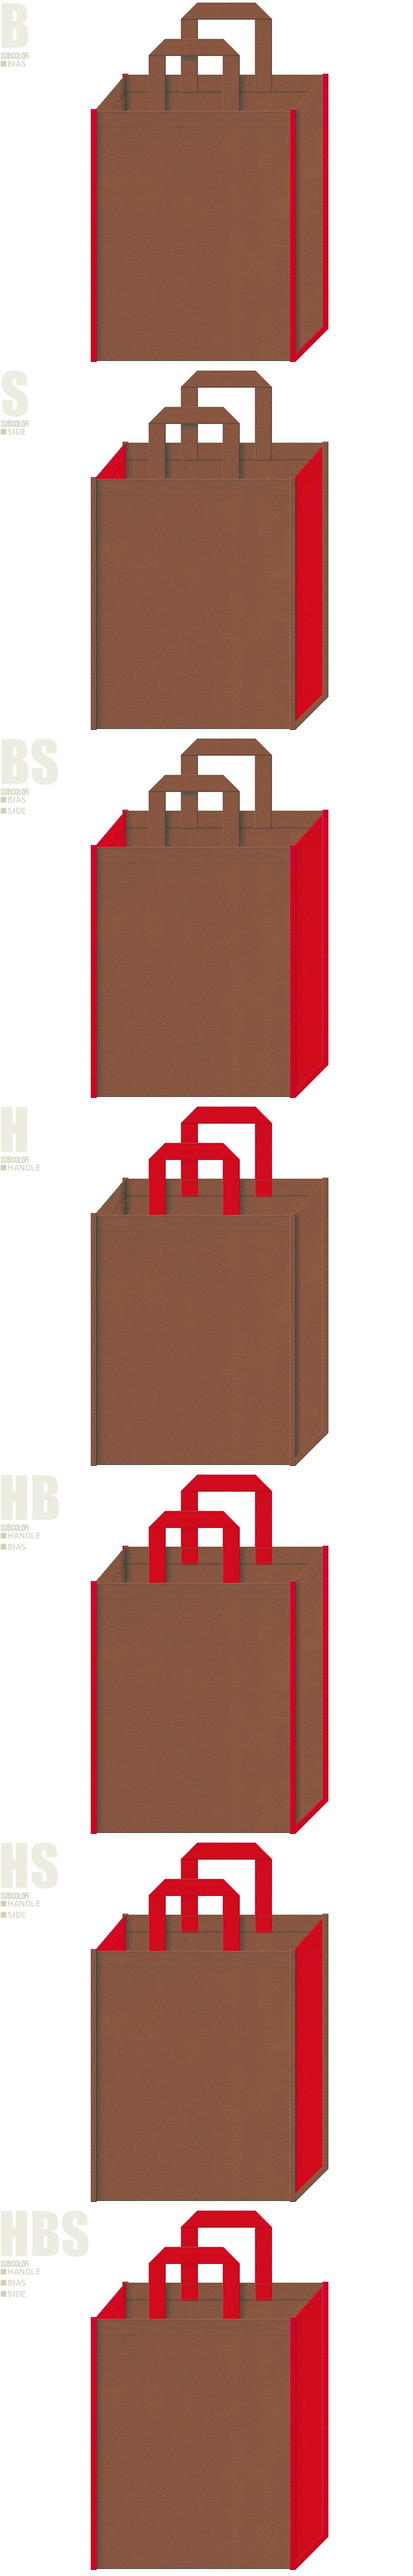 クリスマス商品のショッピングバッグにお奨めの配色です。茶色と紅色、7パターンの不織布トートバッグ配色デザイン例。